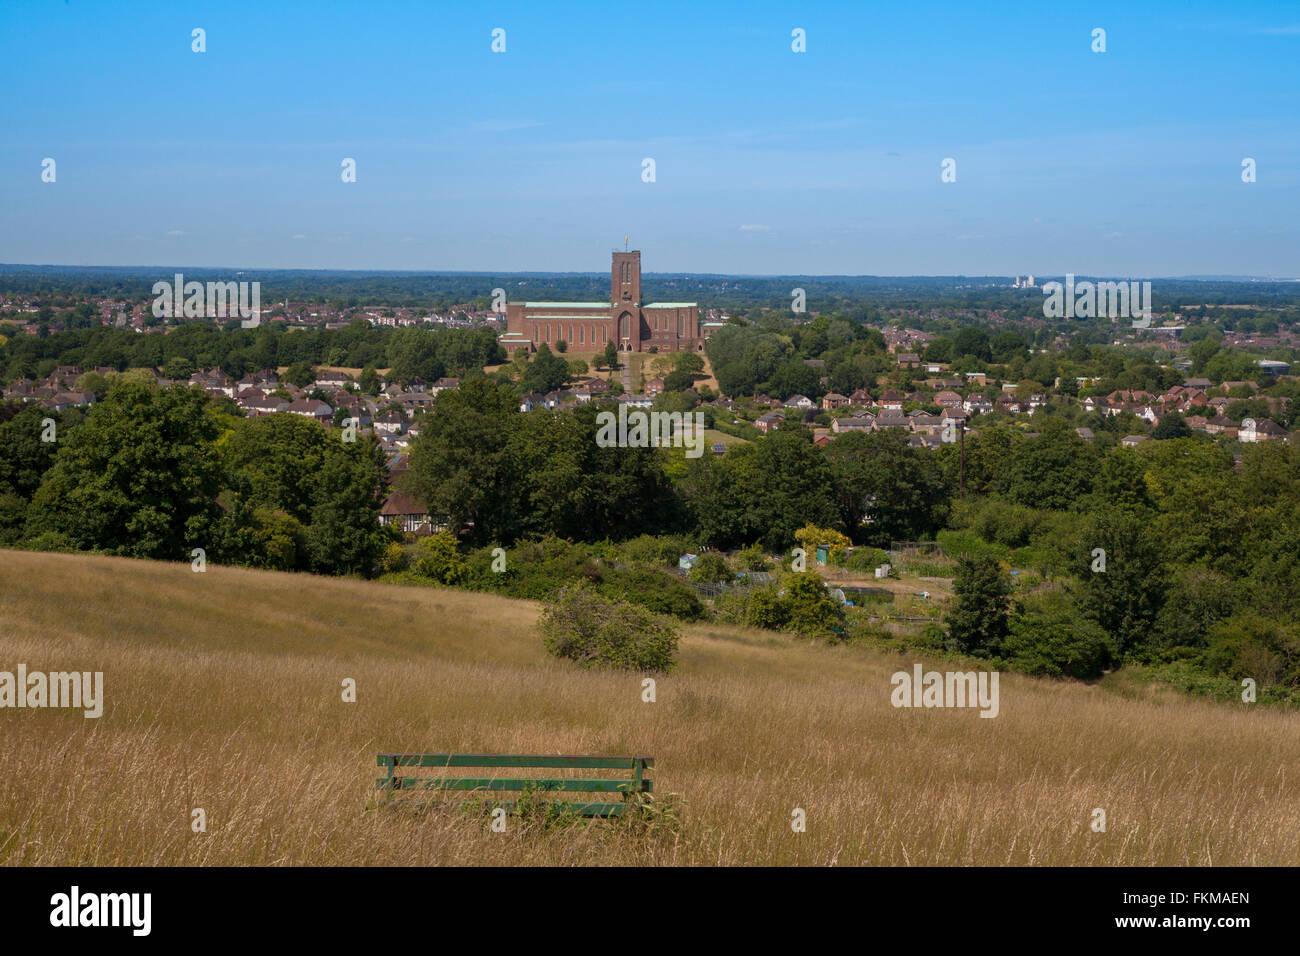 Blick auf die Kathedrale von Guildford, Surrey, England Stockbild